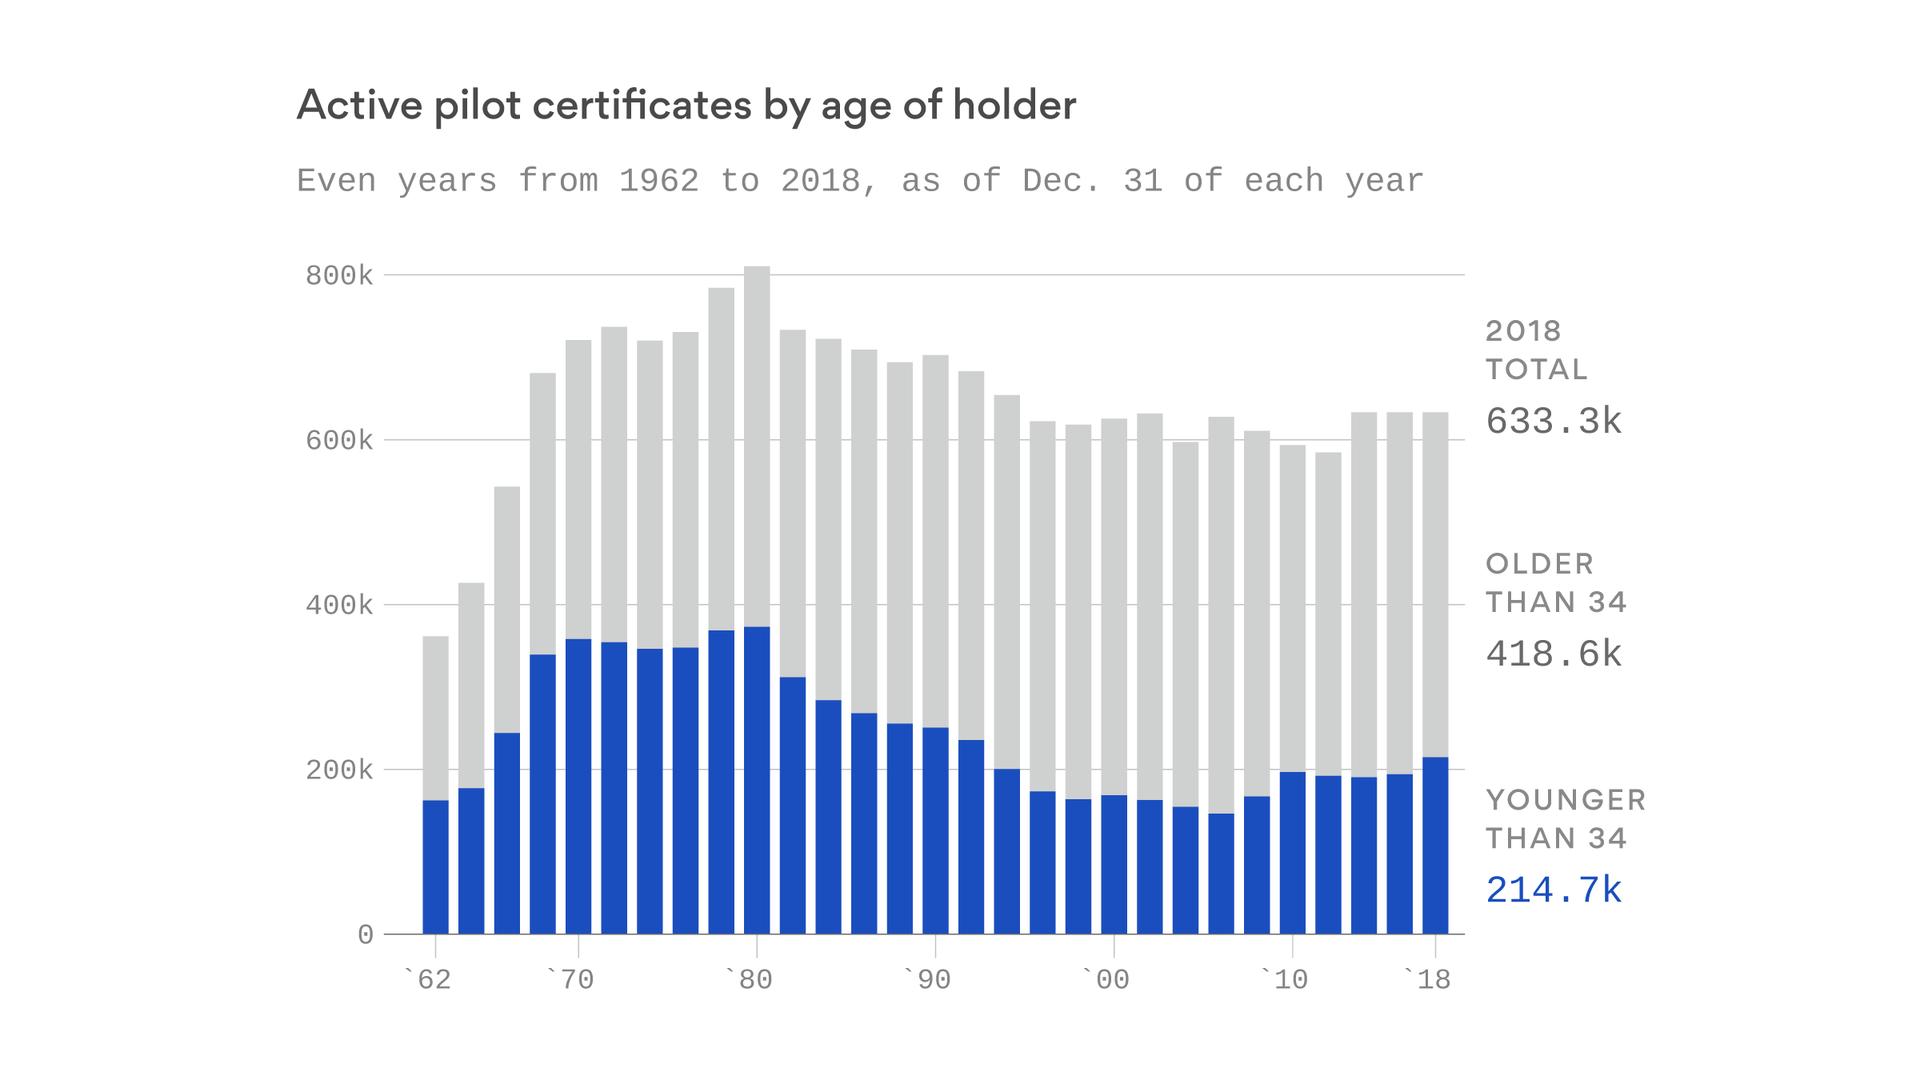 Millennials spark a pilot comeback